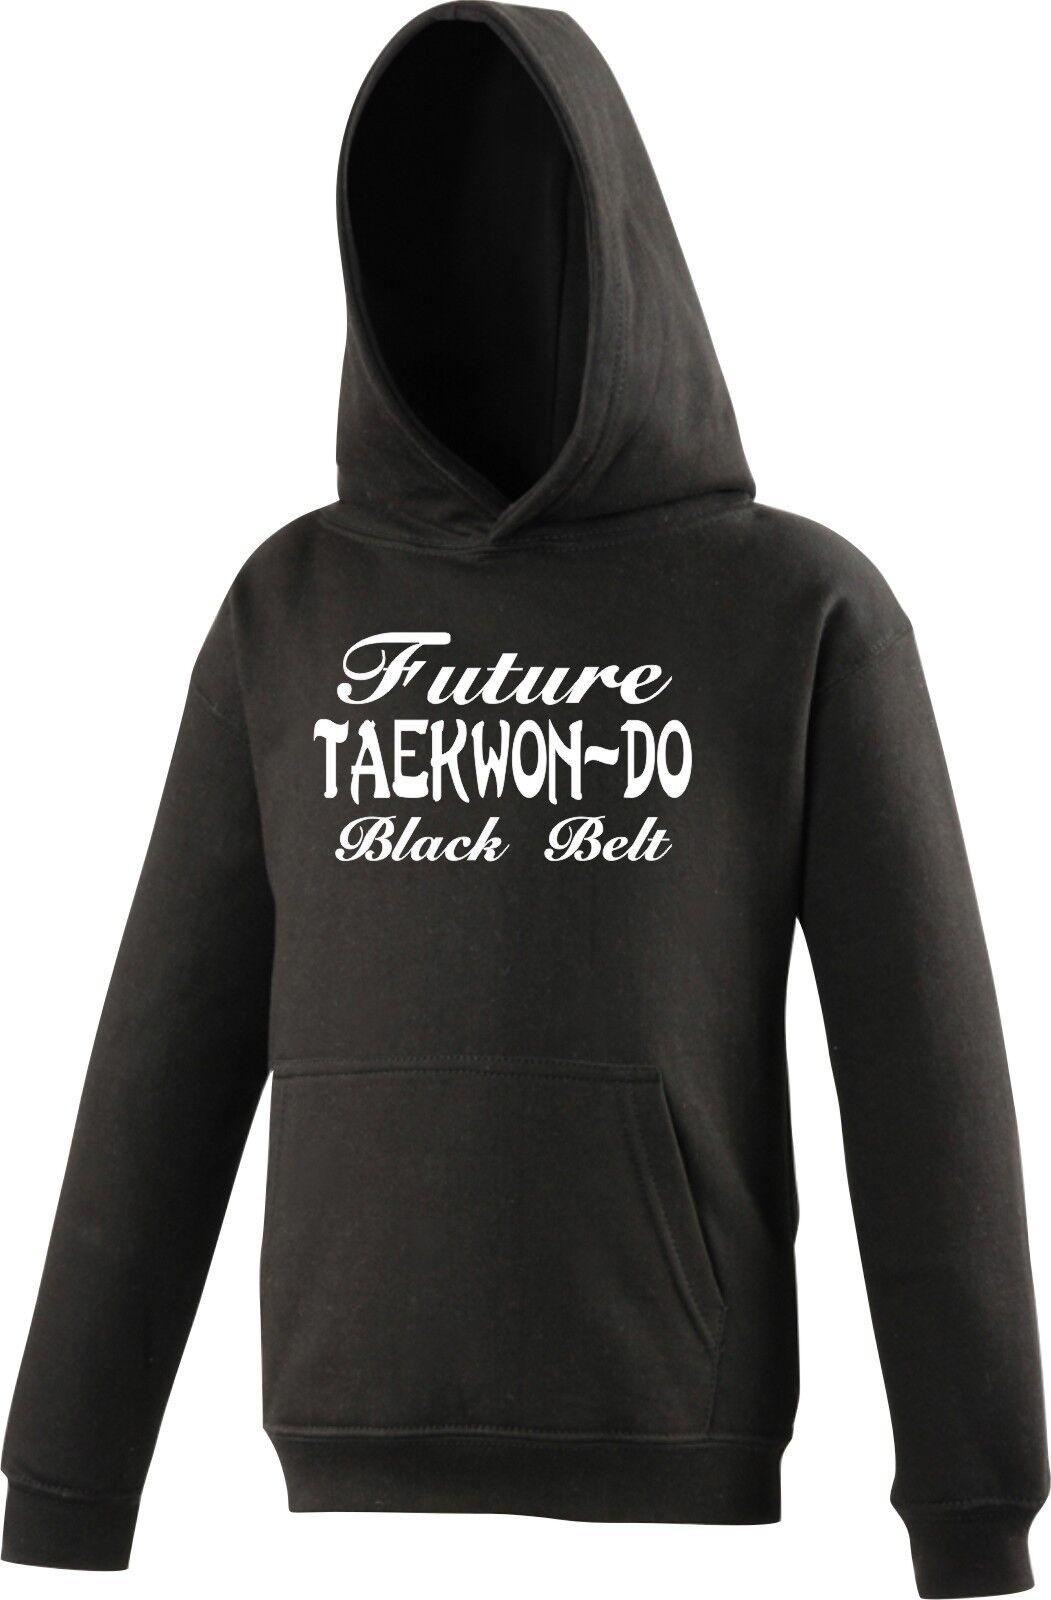 Personnalisé Enfants Capuche Taekwon Tae Tae Tae Kwon Do Avenir Ceinture Noire c6ab01